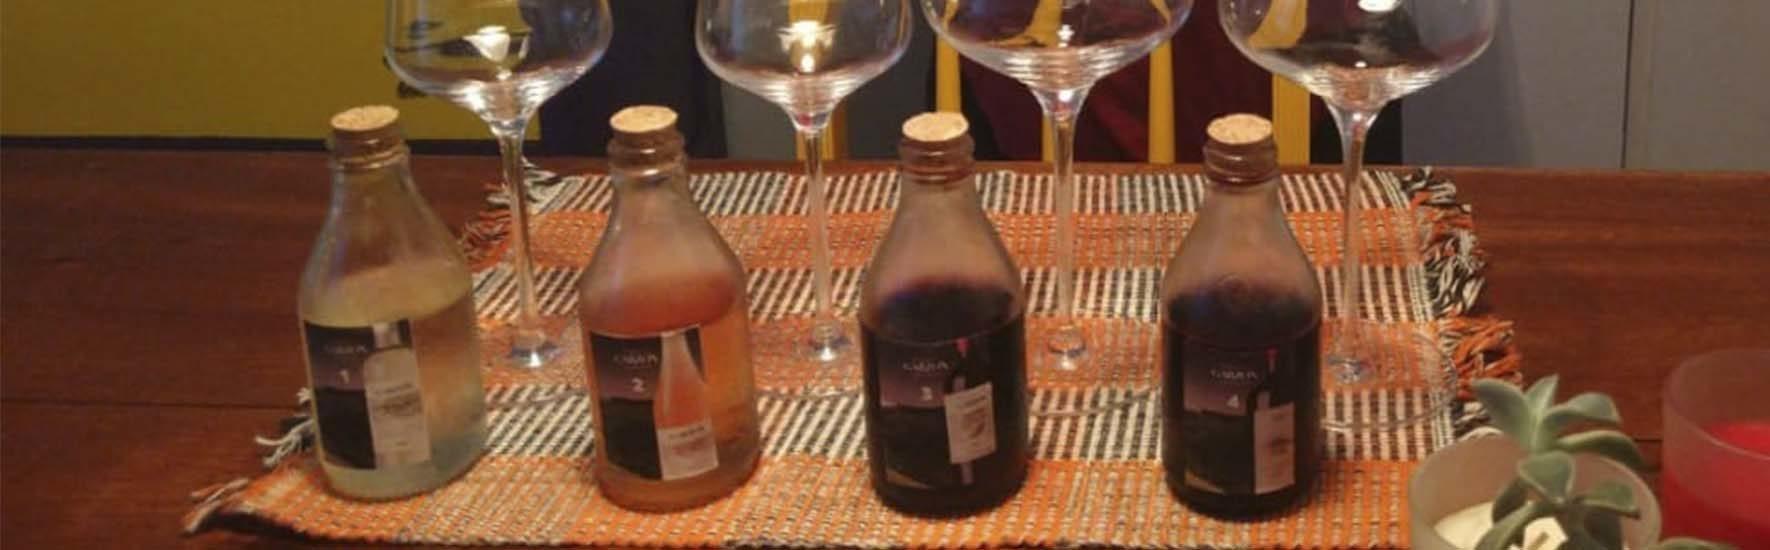 Degustação de vinhos do Uruguai Bodega Garzón